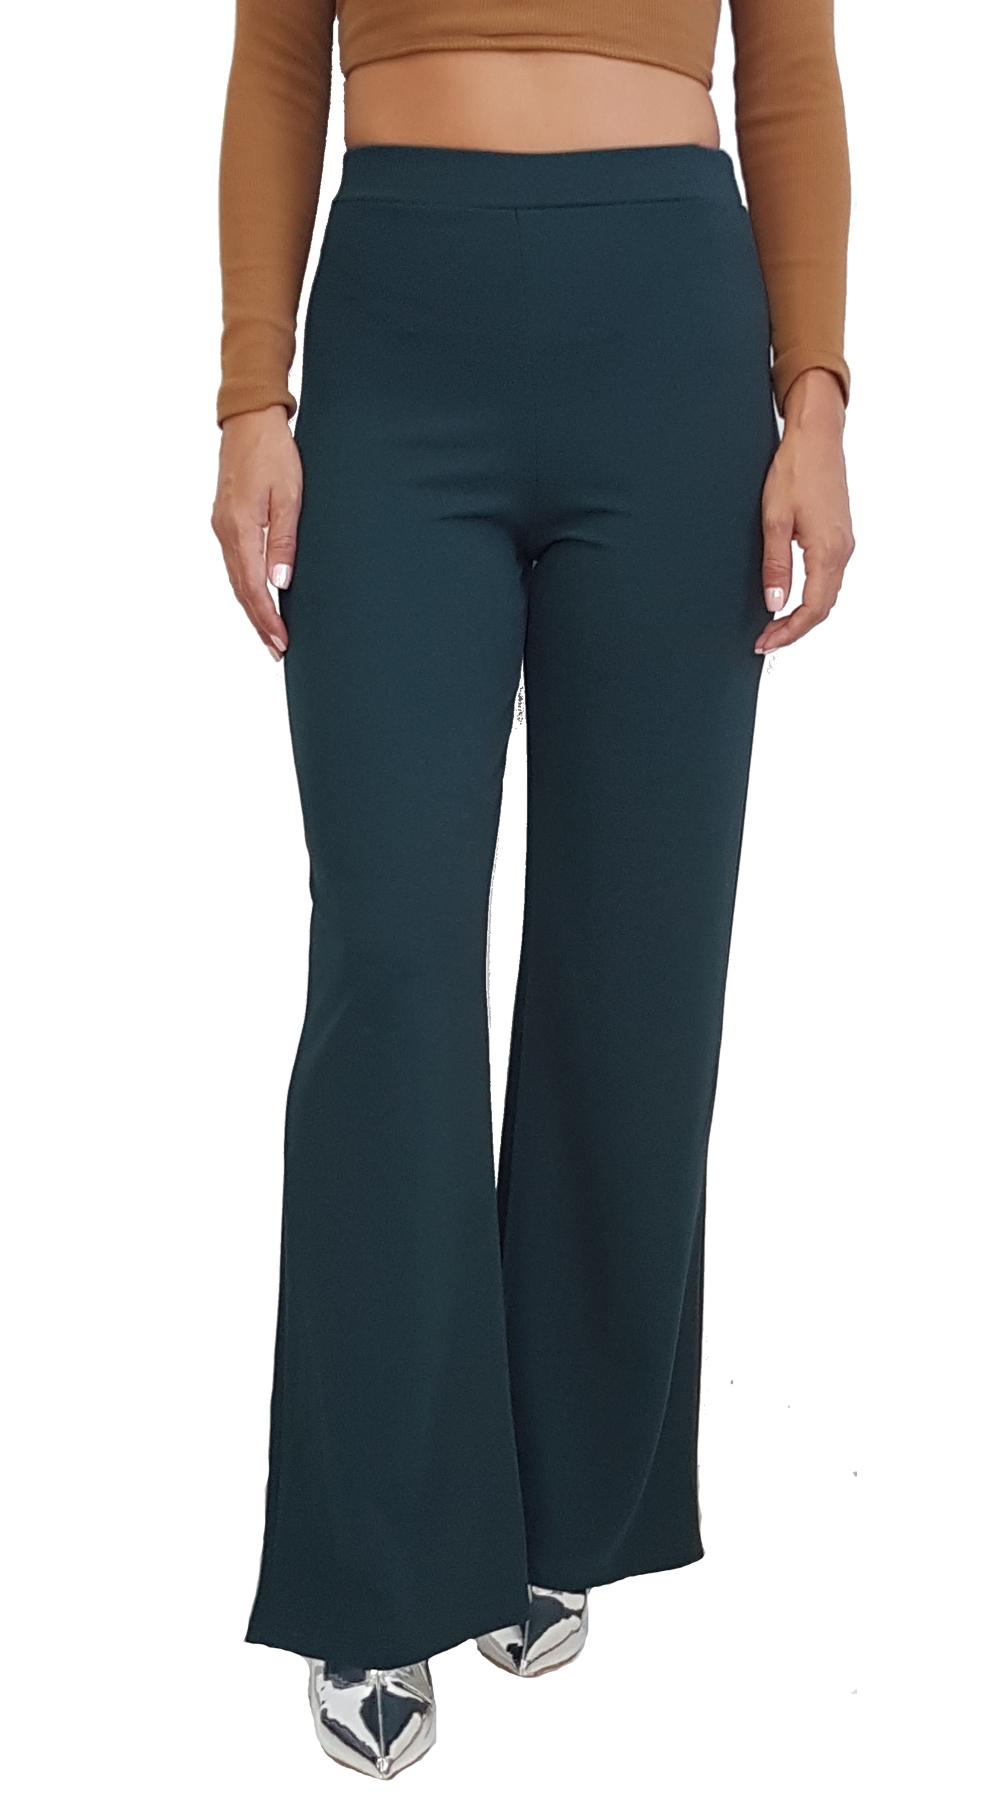 Παντελόνα Bodycon Καμπάνα - OEM - FA18AG-35500 ενδύματα παντελόνια   κολάν